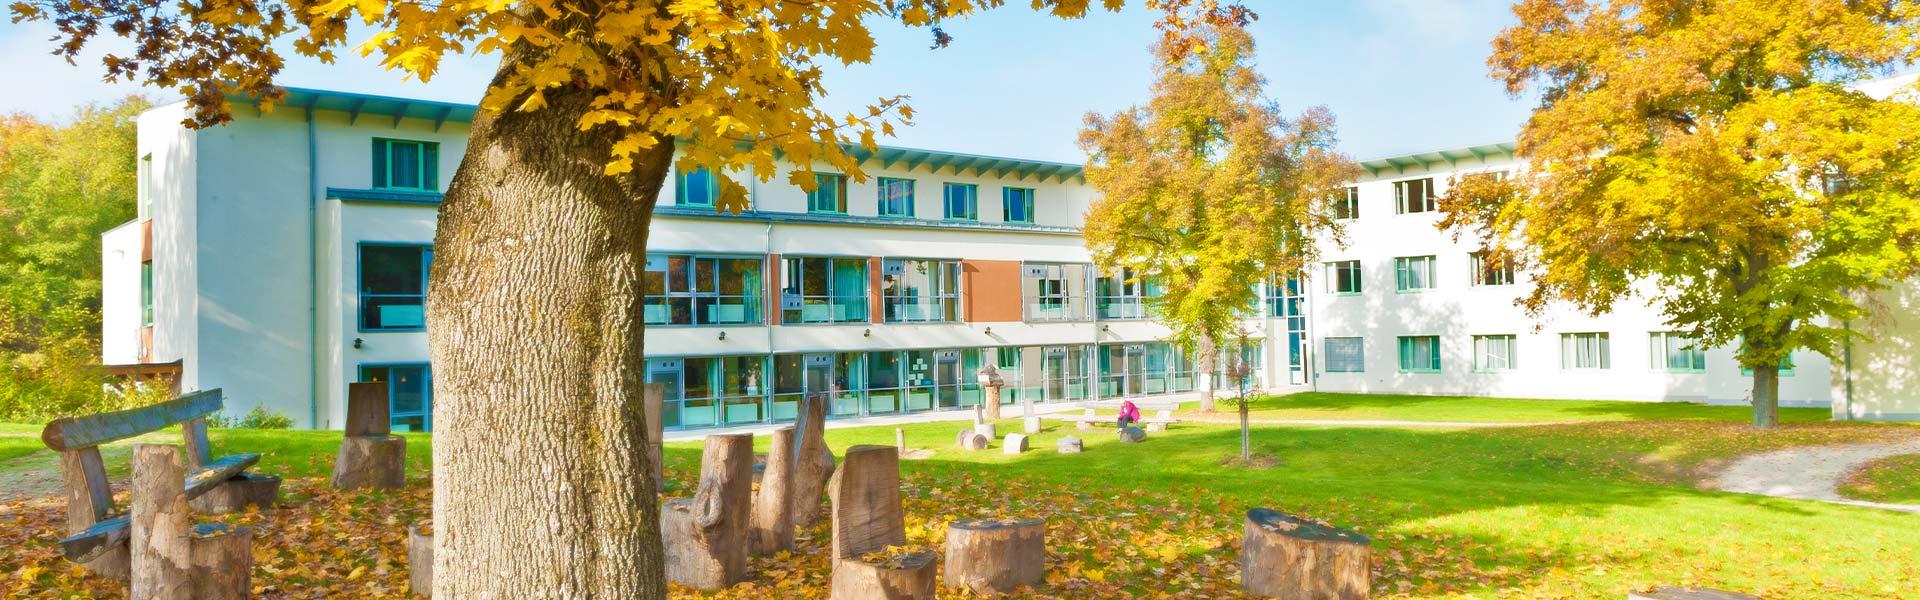 Gartenanlage PSZE im Herbst - © Reinhard Podolsky/mediadesign